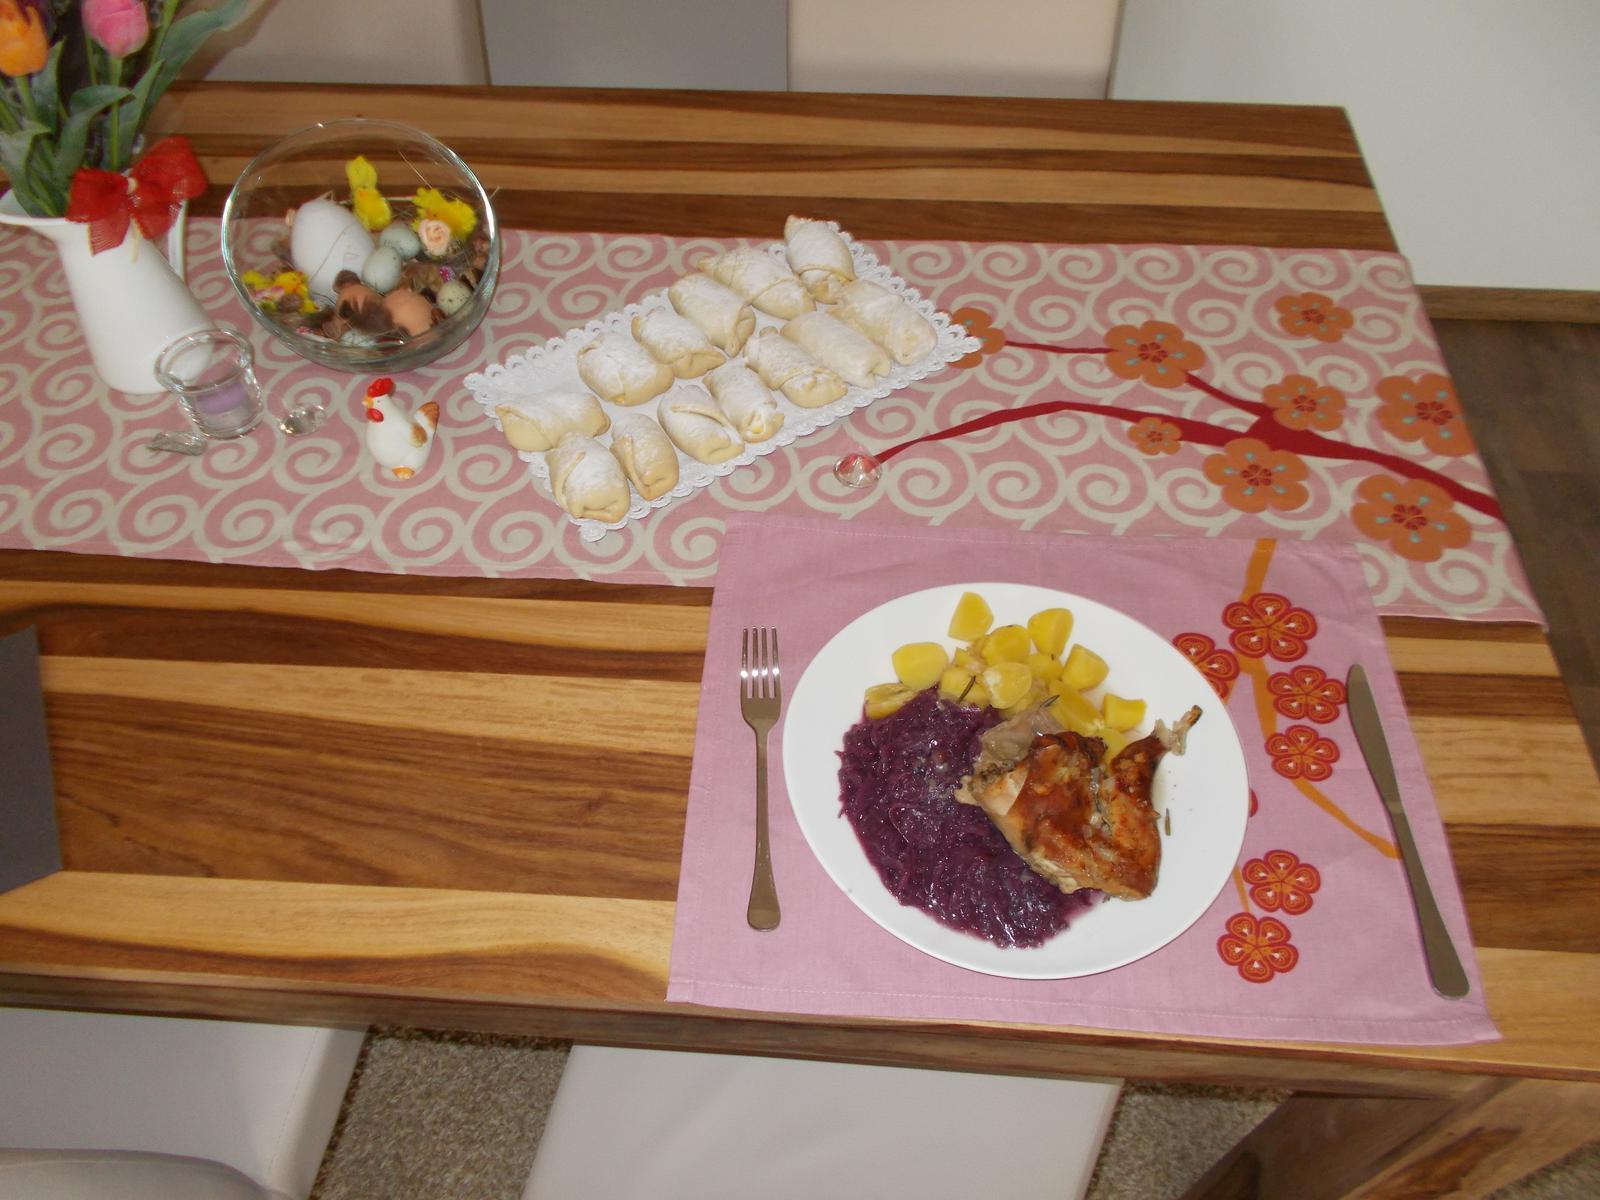 Pečení,vaření,grilování.....je libo něco dobrého do bříška ................ - Pečený králik s červeným zelím a bramborem